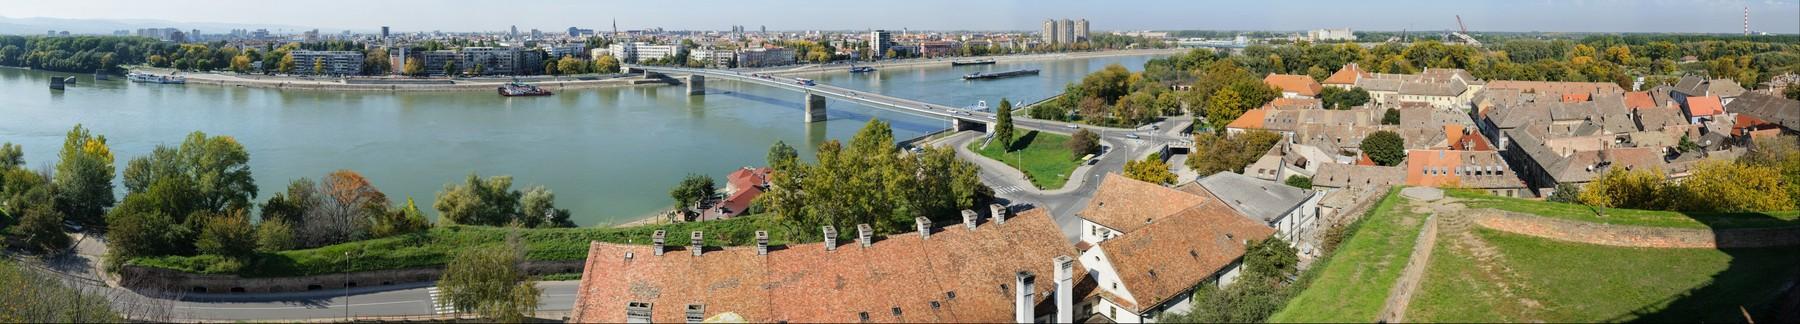 novi_sad_gigapixelna_panorama2.jpg